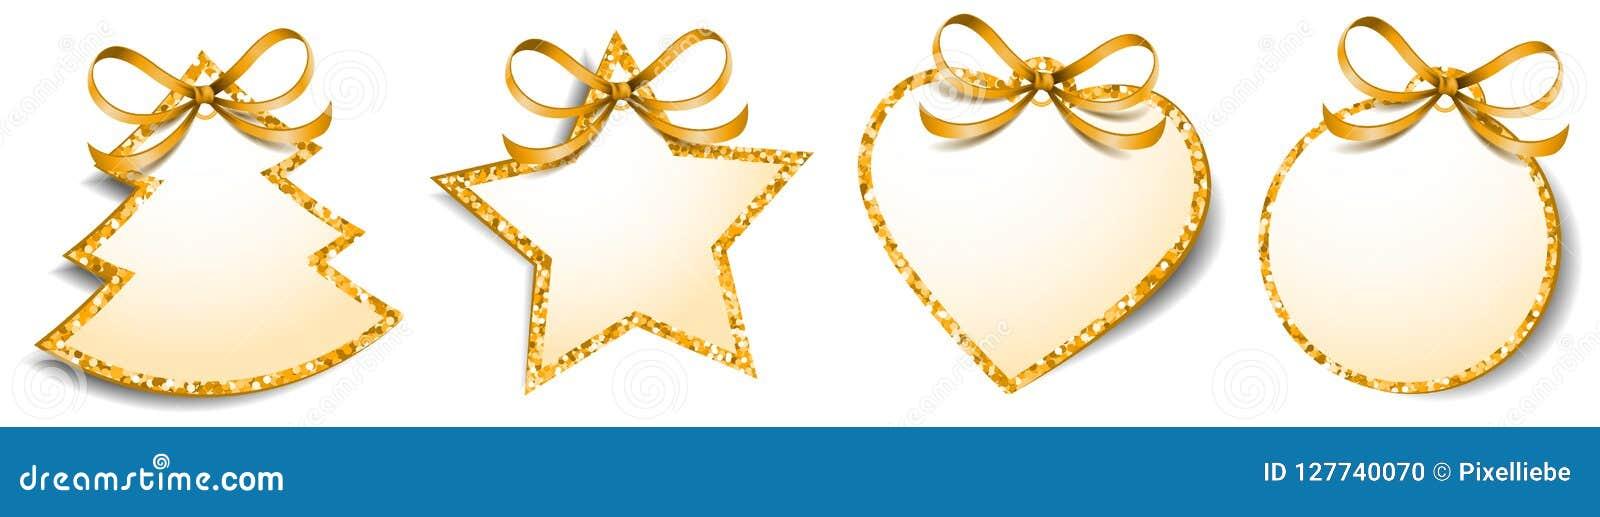 O presente do Natal etiqueta o vetor isolado do brilho das etiquetas placa dourada